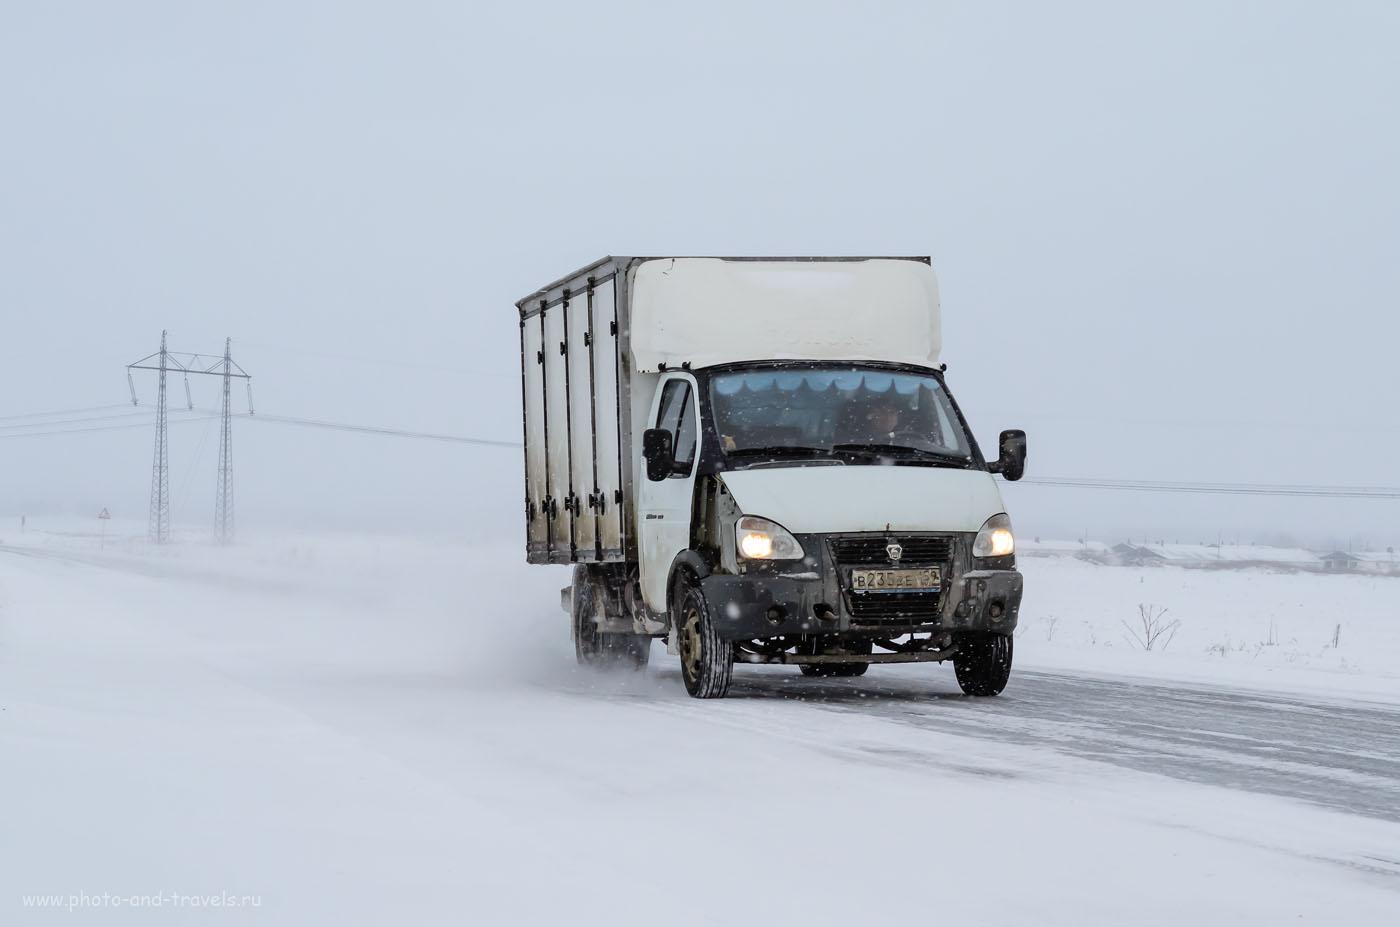 Фото 3. Зеркалка Nikon D5100. Объектив Nikkor 17-55/2.8. На российских дорогах зимой. (1/800 сек, f/8, 45 мм, 640)